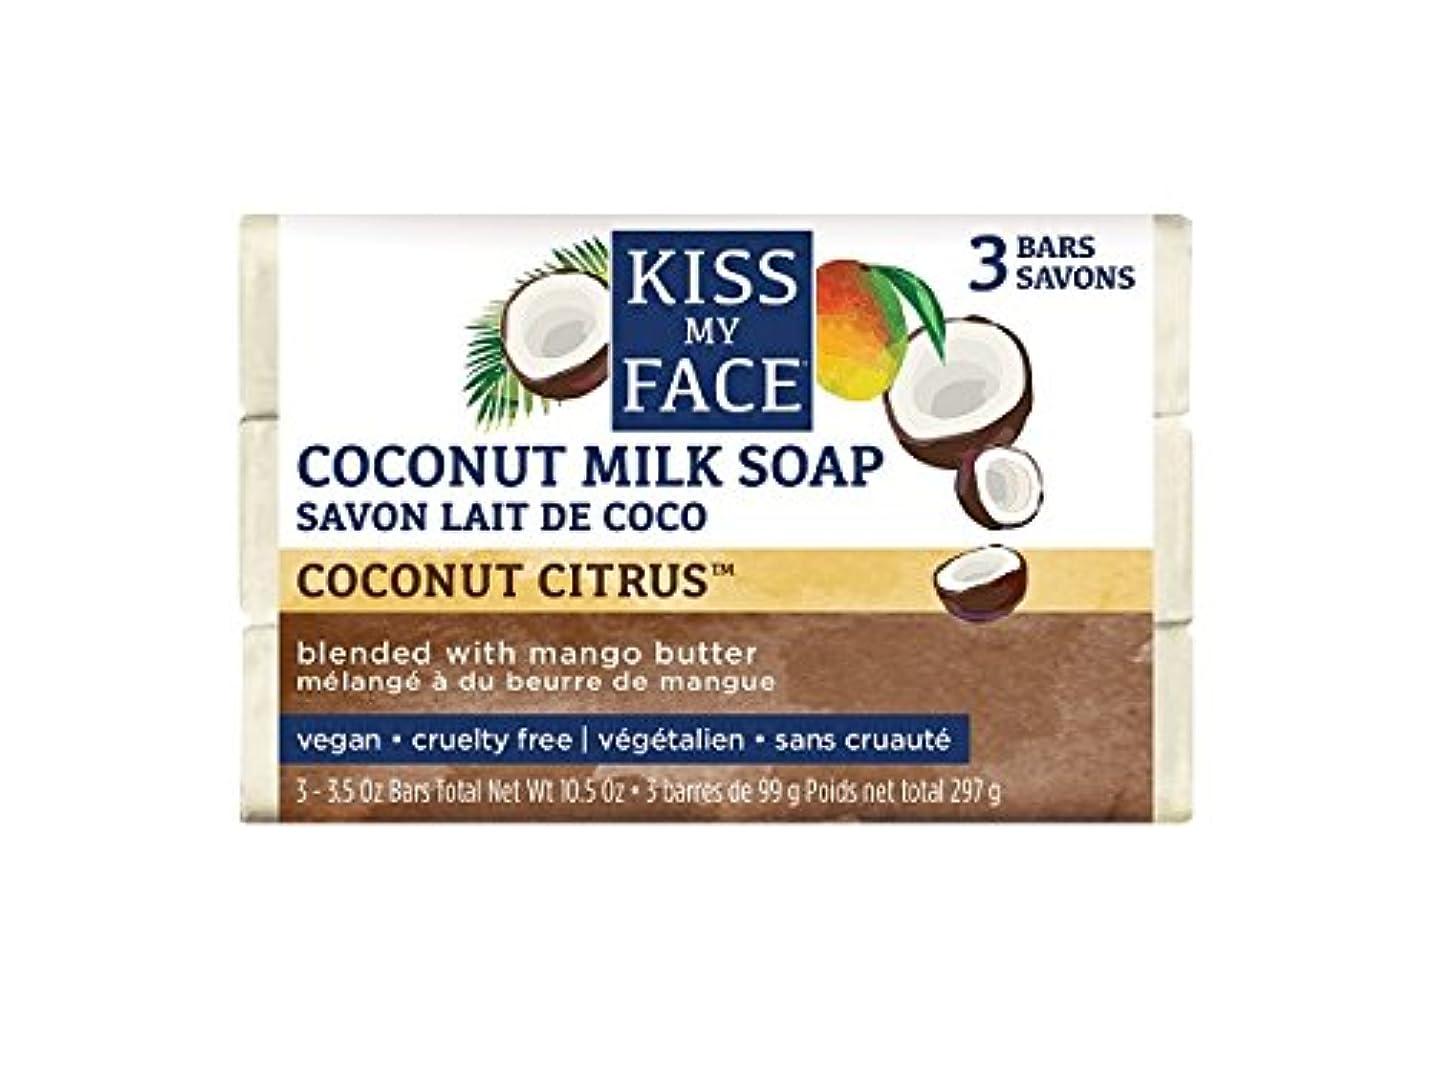 怒る逮捕十代Kiss My Face - ココナッツミルク棒石鹸 - 3パック - 10.5ポンド